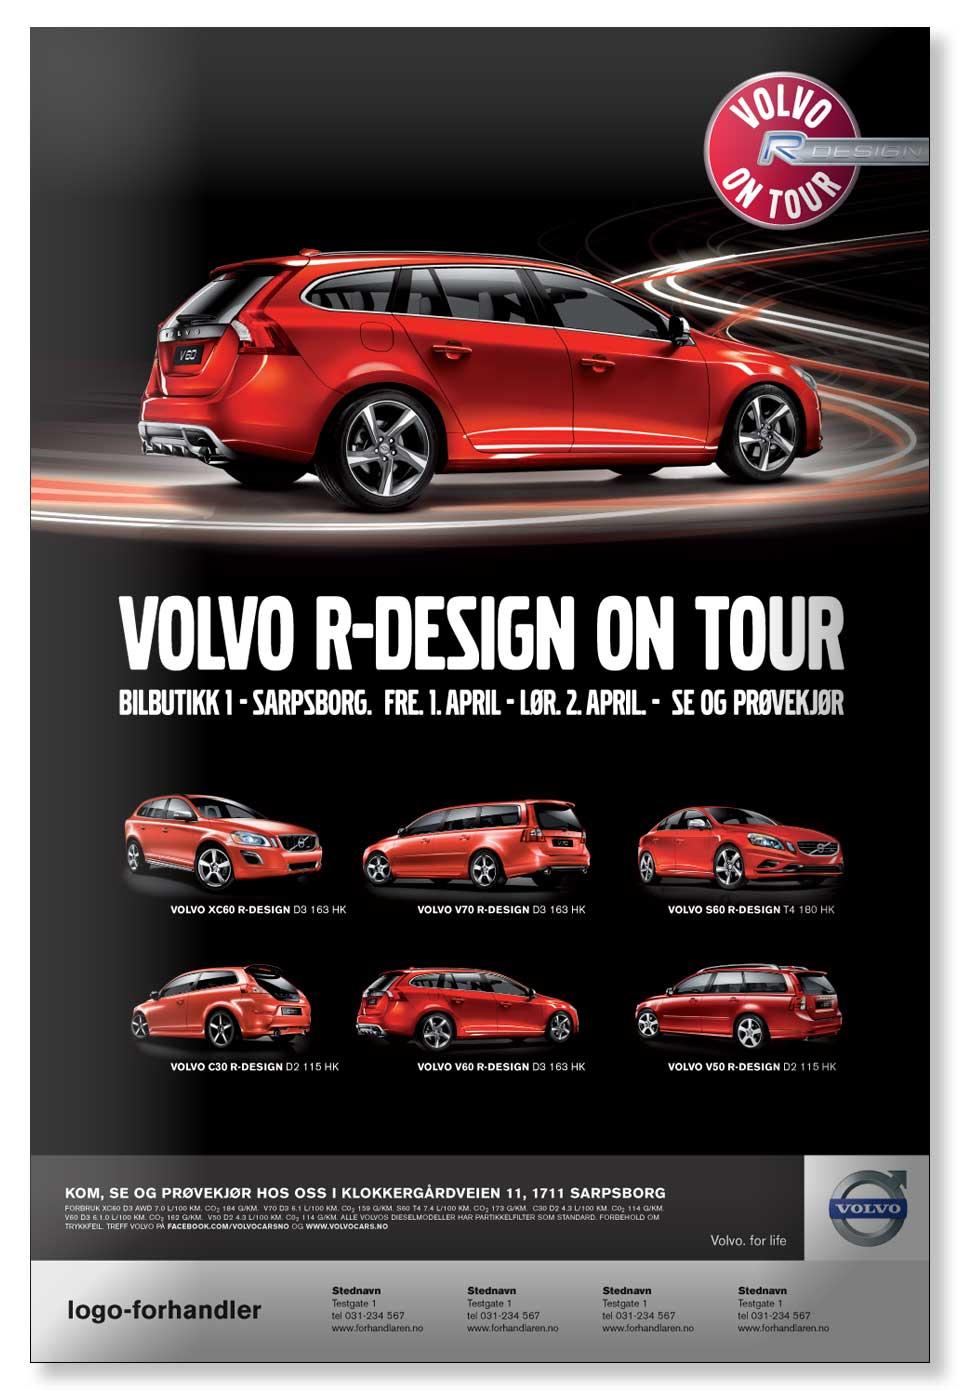 Volvo Norge - Annons R-Design